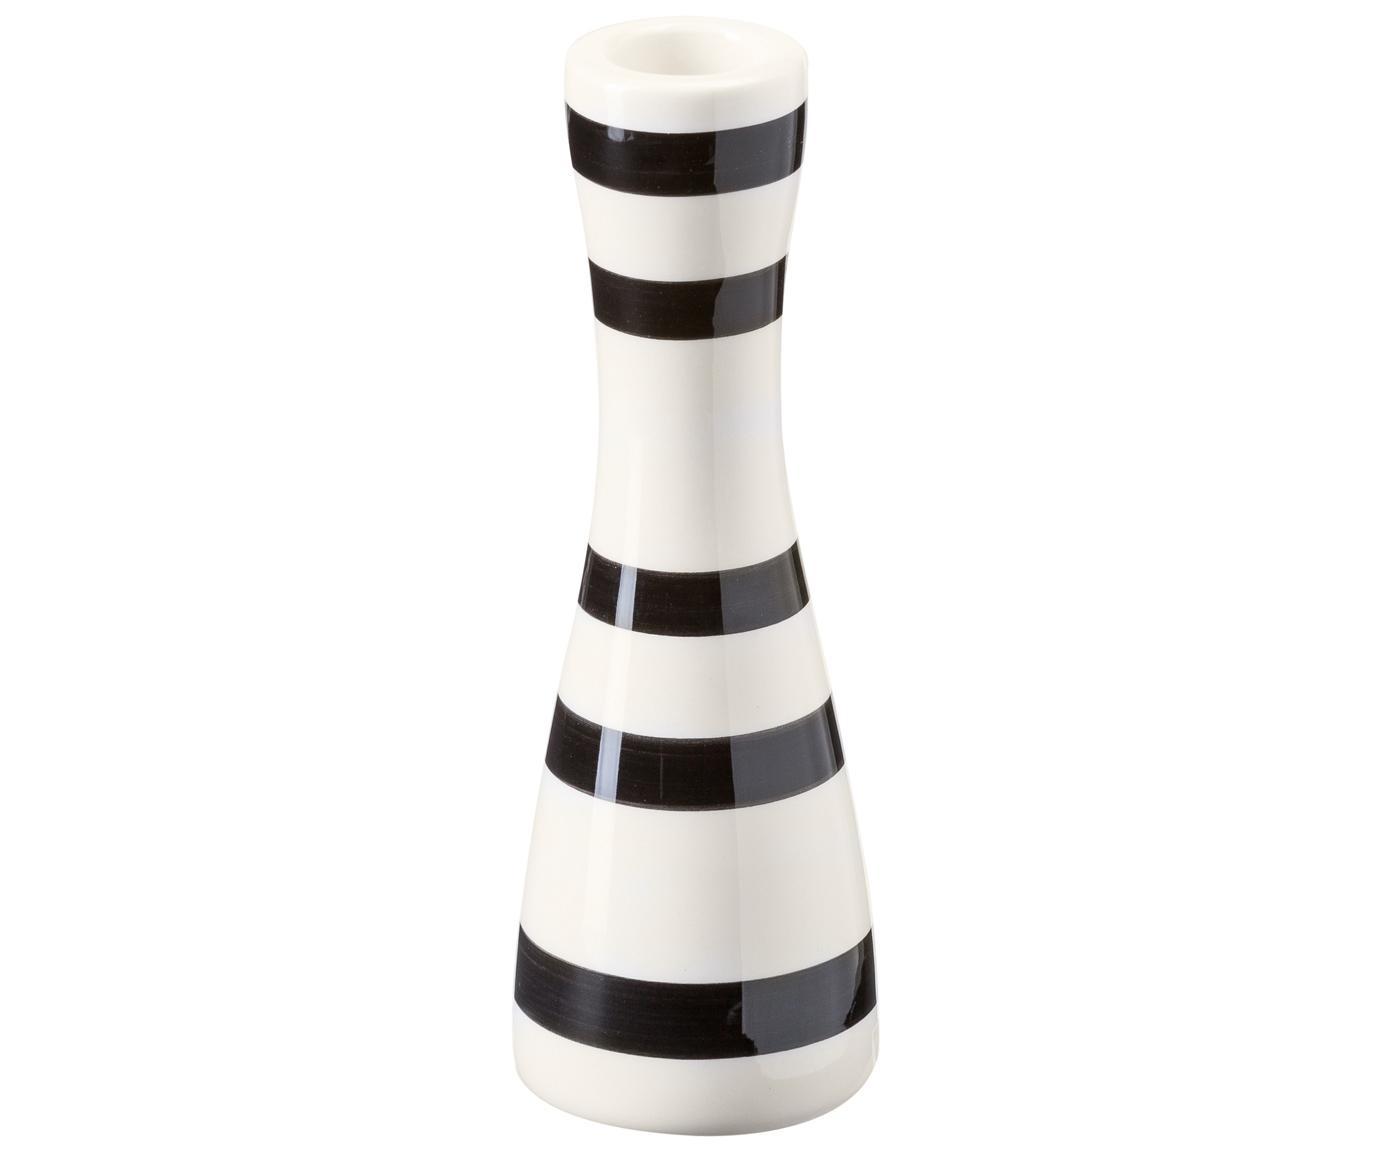 Kerzenhalter Omaggio, Keramik, Schwarz, Weiß, Ø 6 x H 16 cm